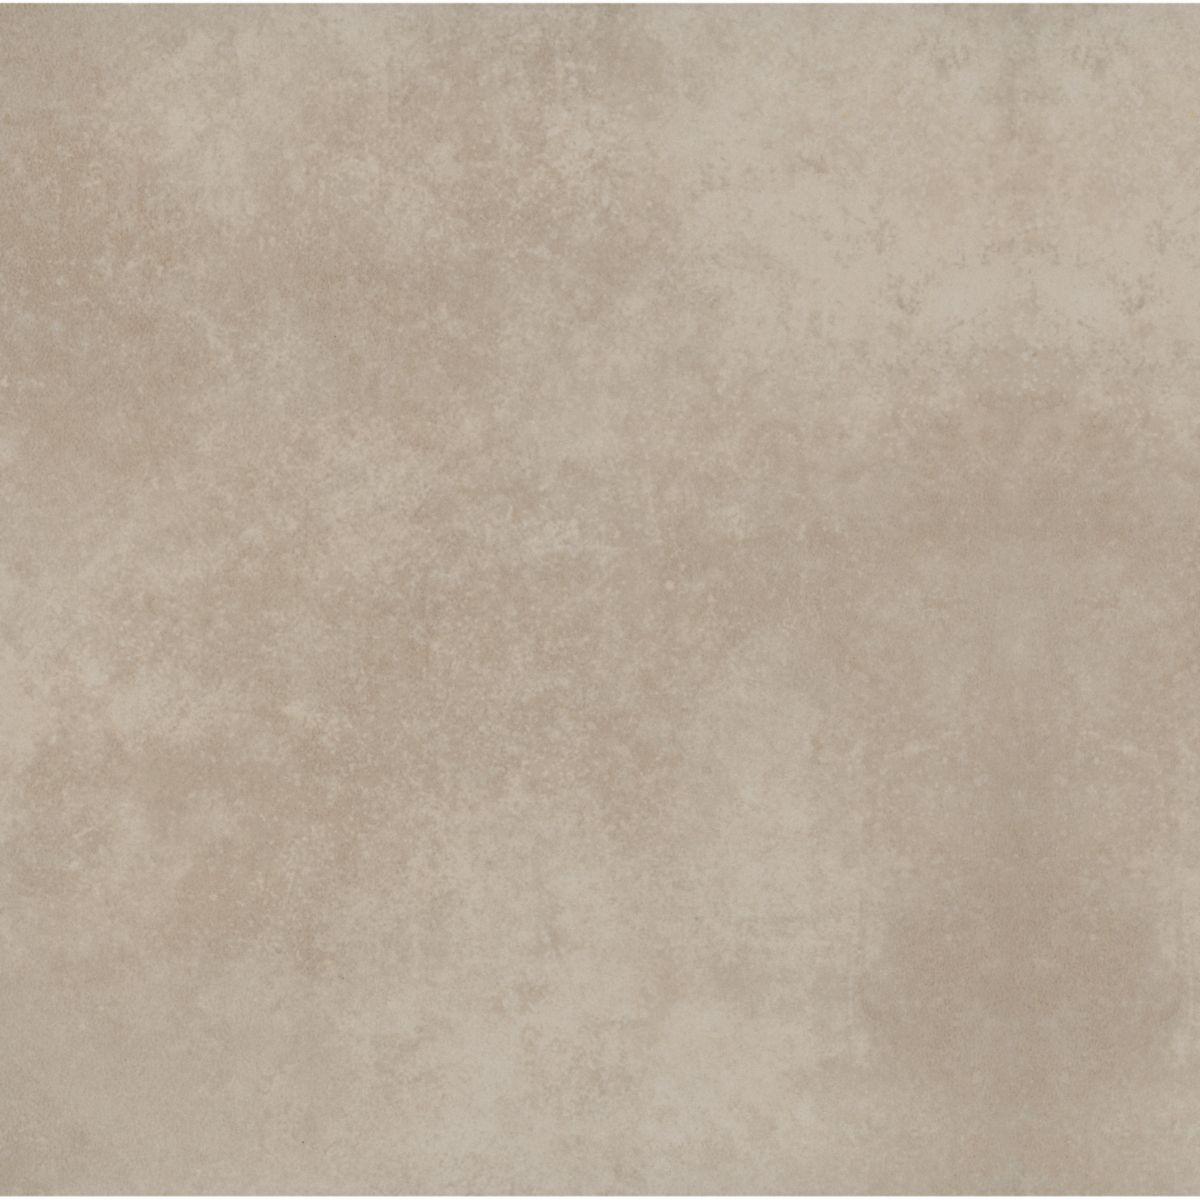 Resultat De Recherche D Images Pour Villa Real Arte One Papier Peint Texture Papier Peint En Marbre Beton Cire